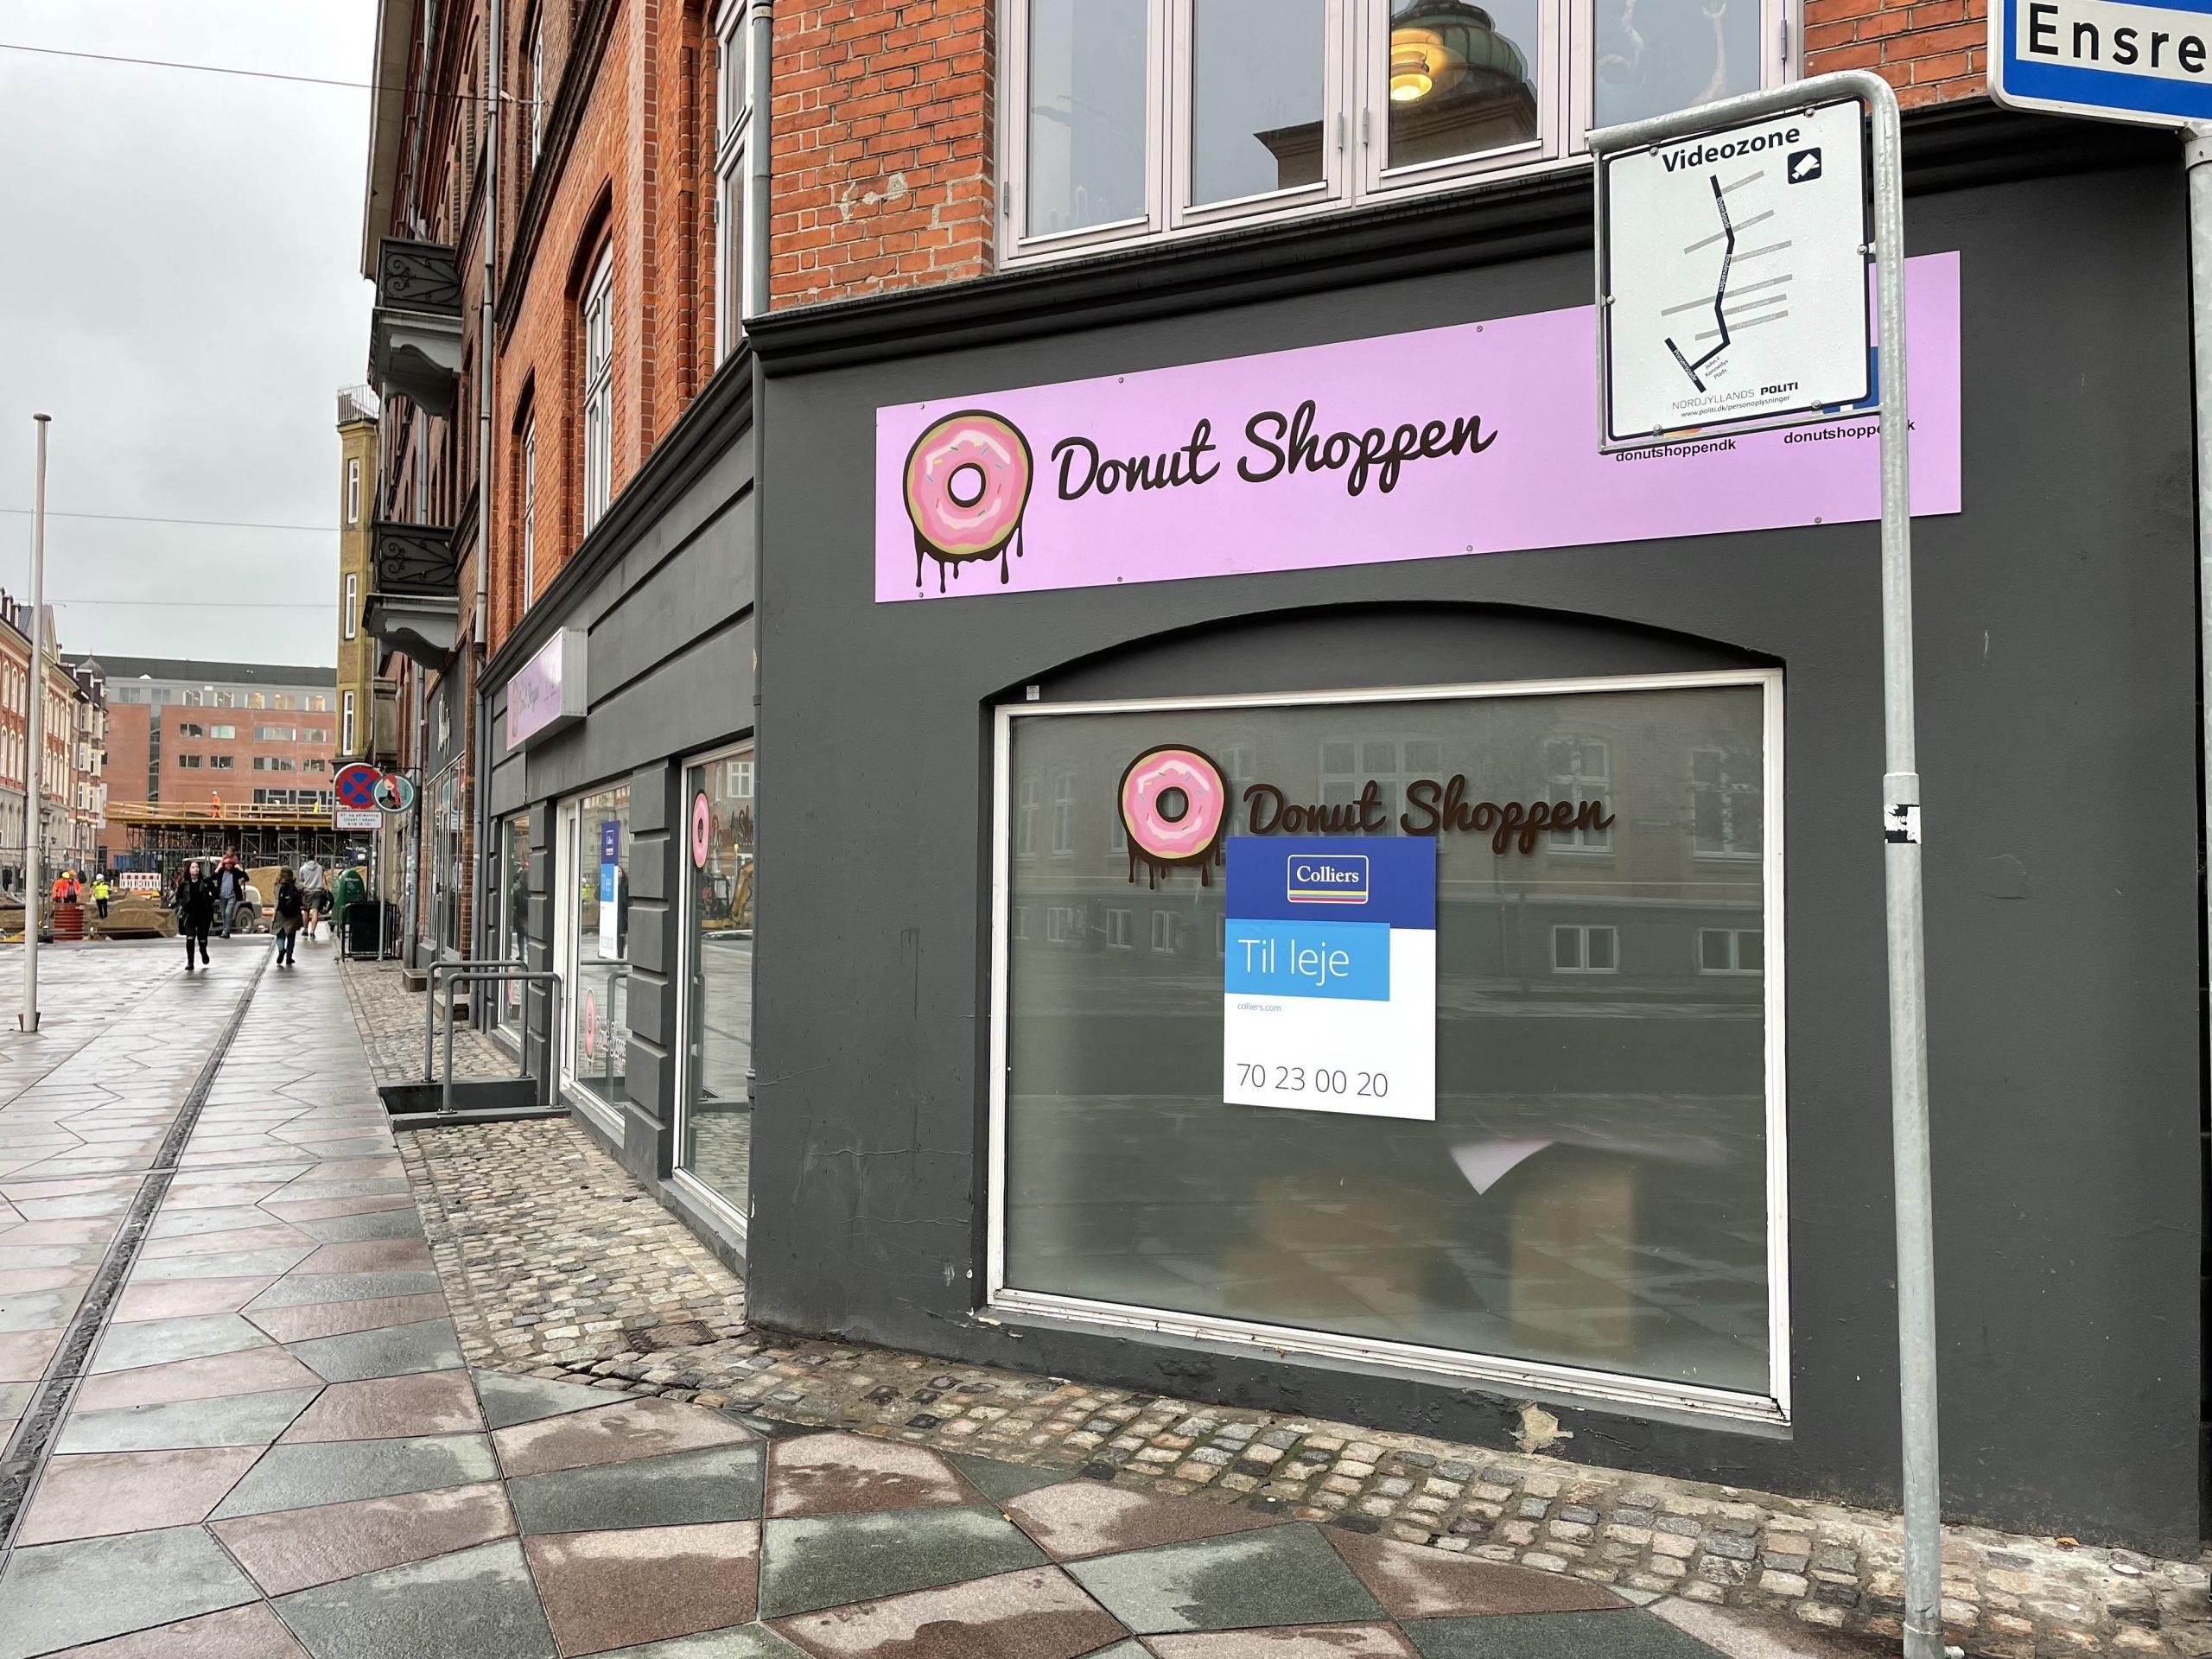 Fra fire til to: Endnu en donutshop er lukket ned